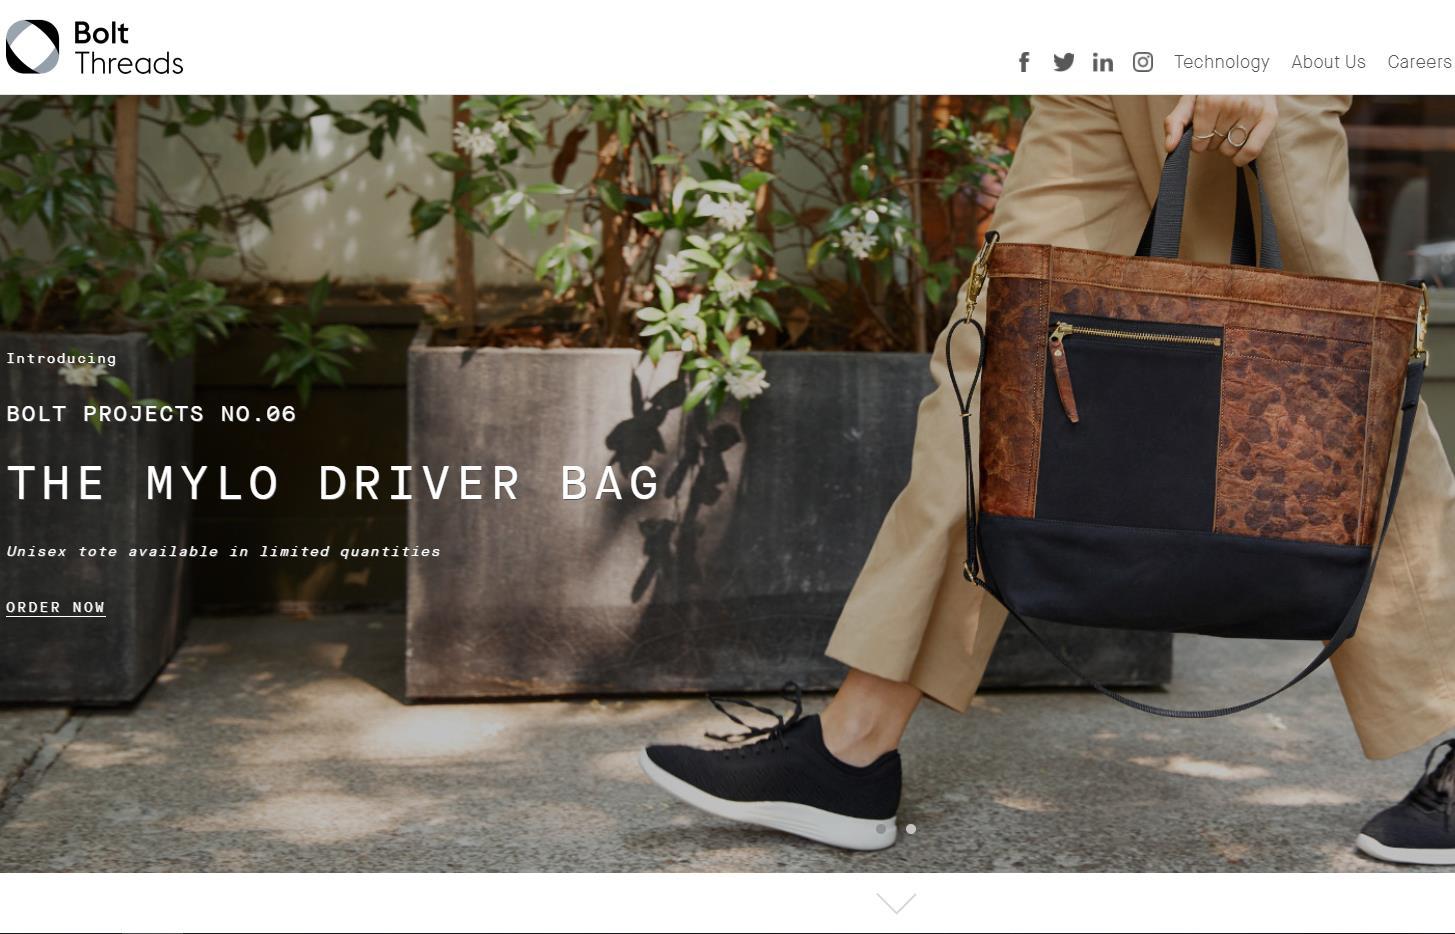 """用蘑菇做""""皮料"""",美国生物初创公司 Bolt Threads 新款环保手袋 Mylo Driver Bag 正式发售"""